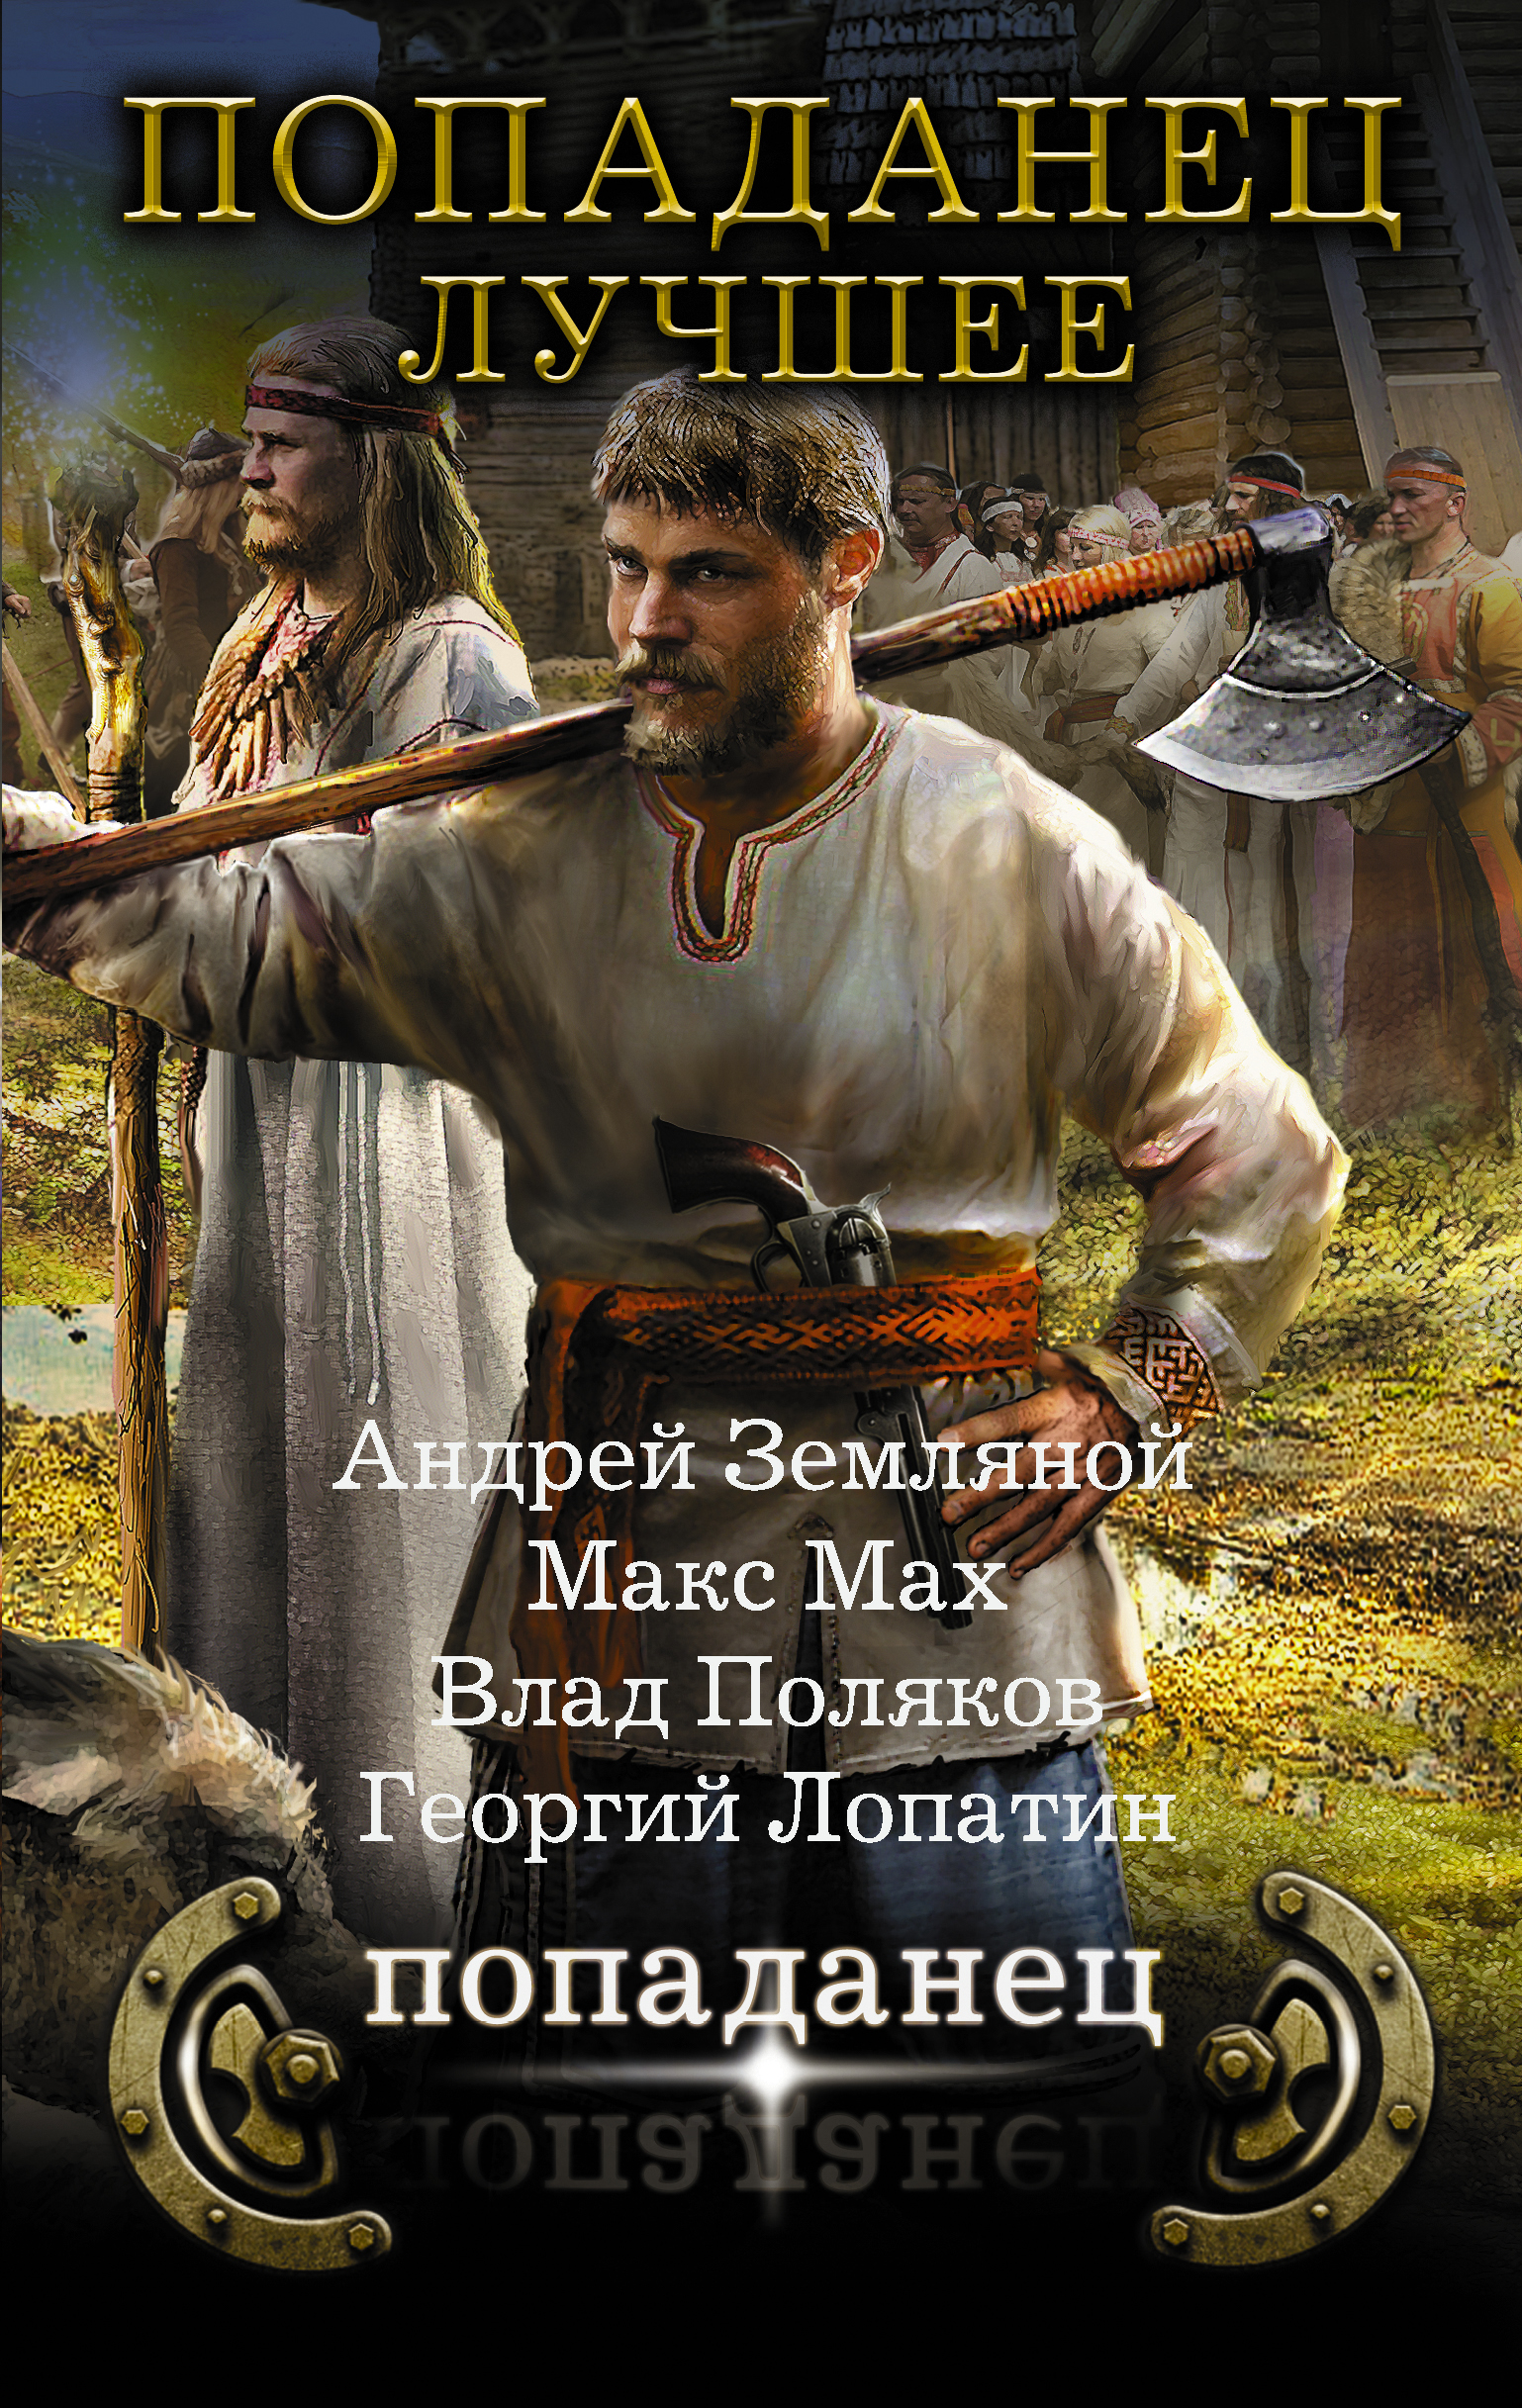 Российские авторы книг попаданцев